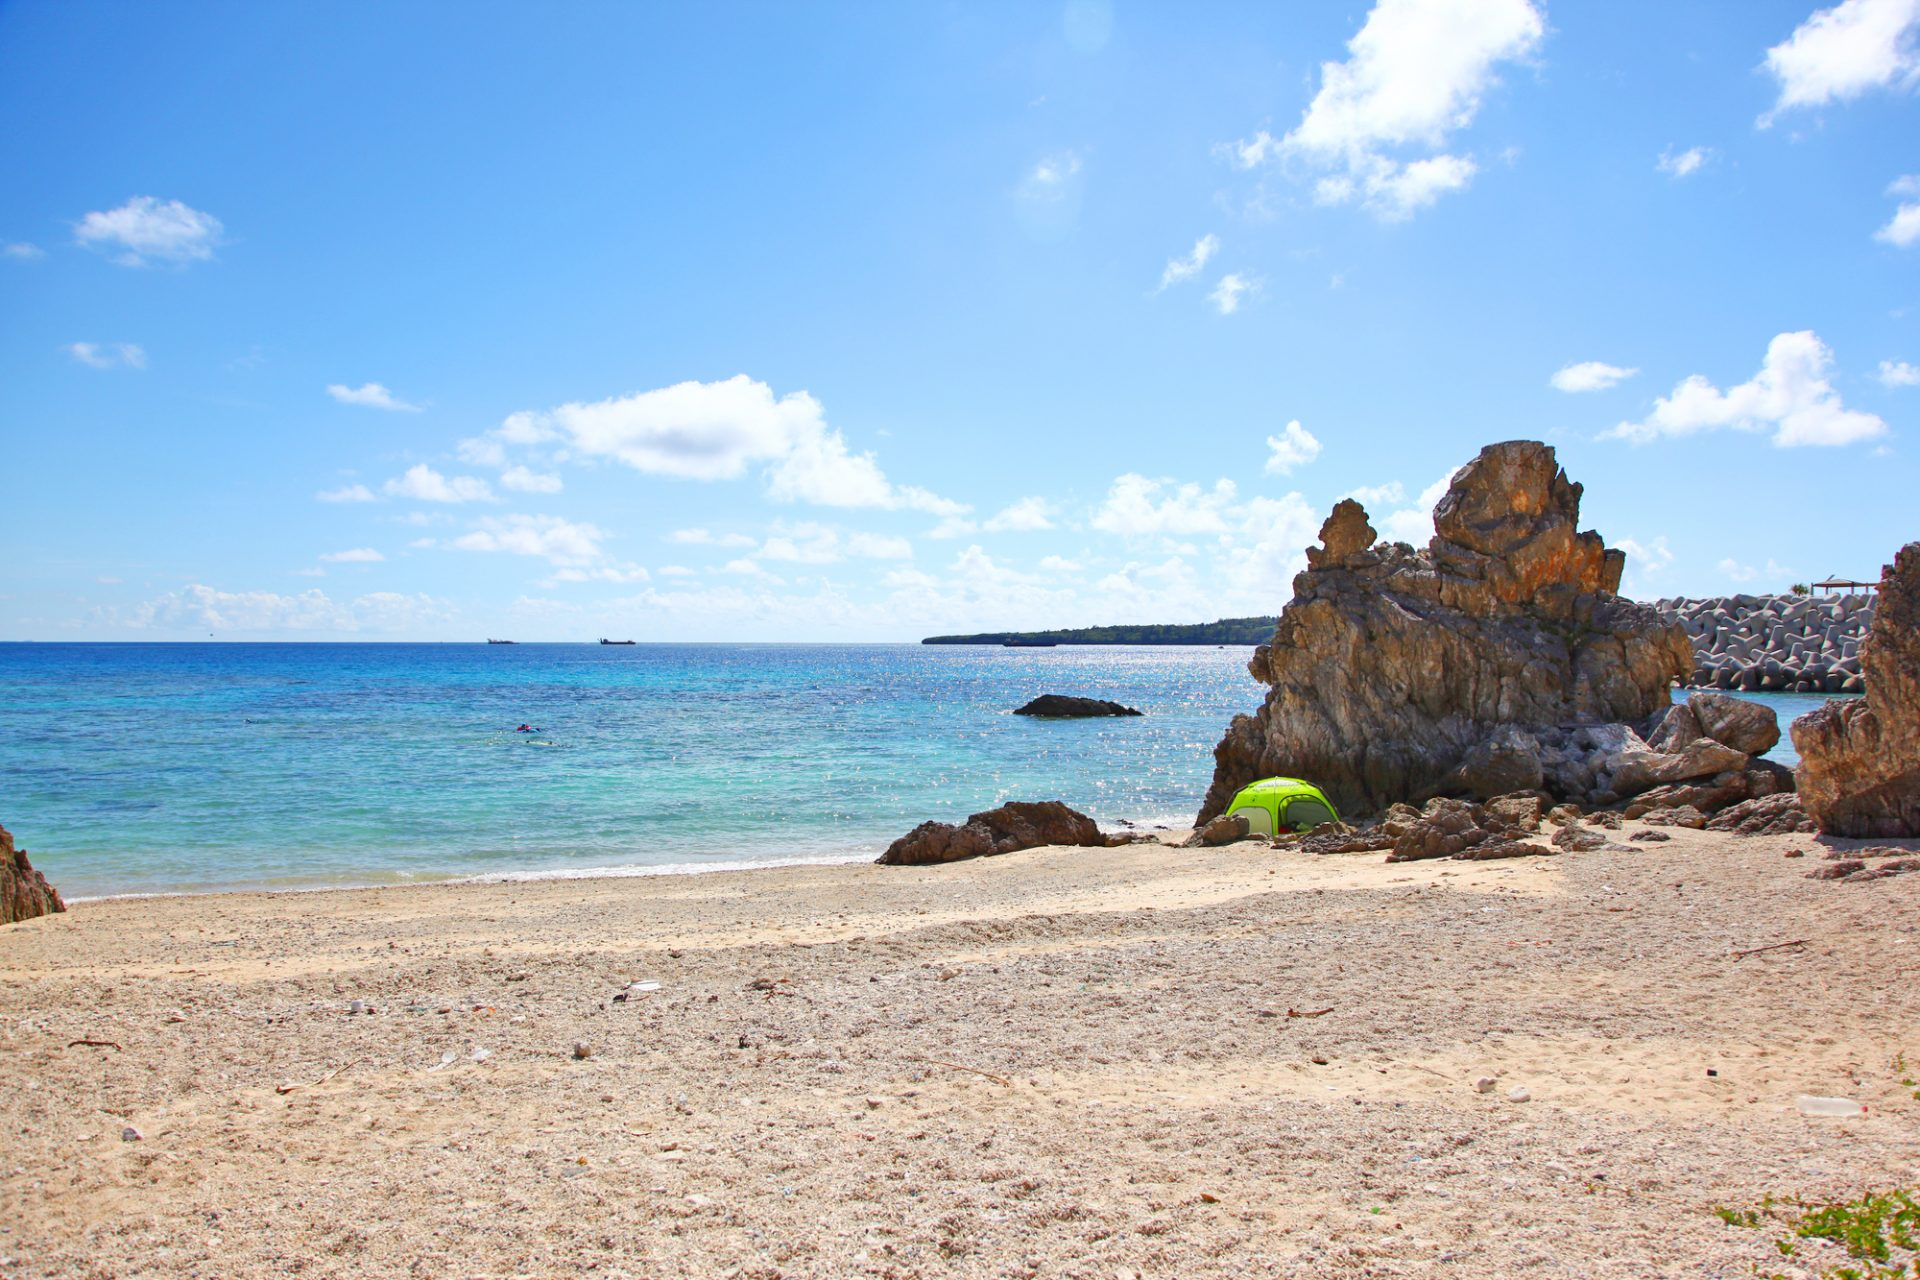 沖縄の穴場ビーチ「塩川ビーチ」